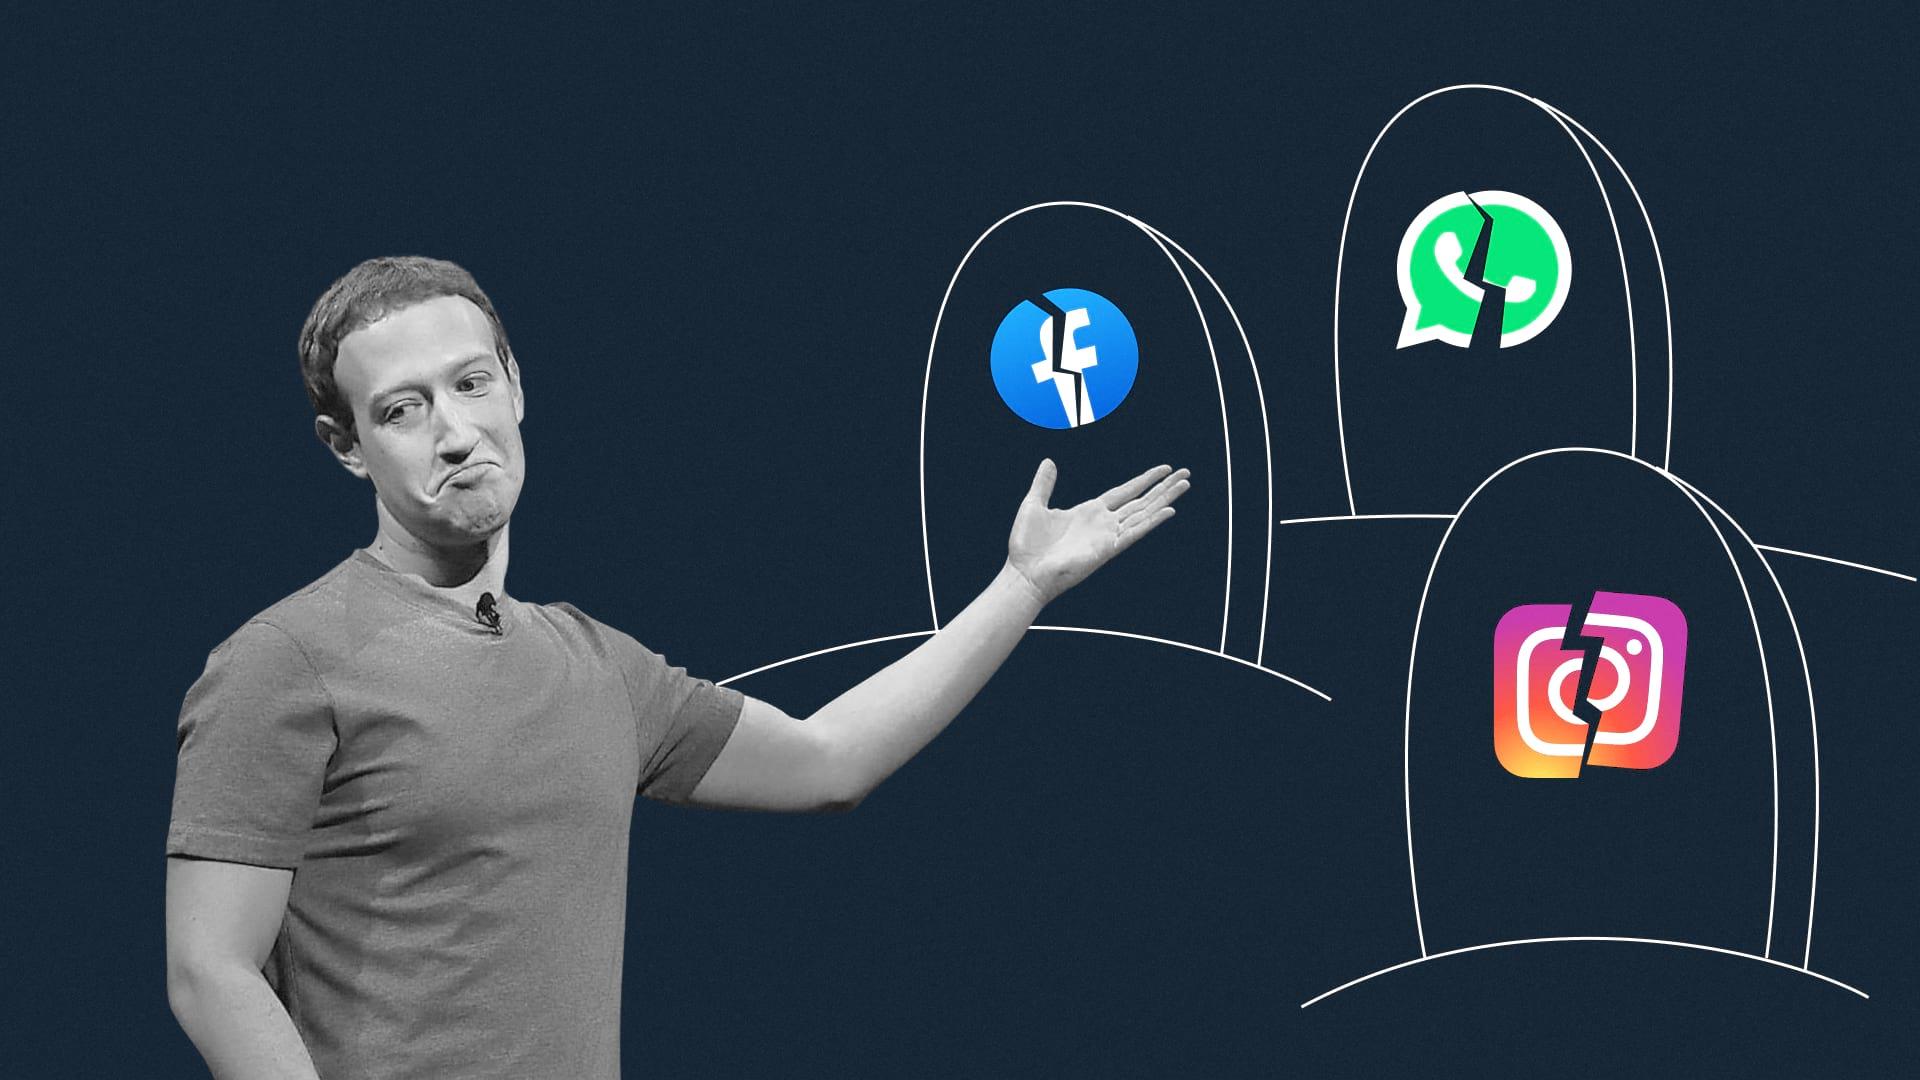 С днем падения, Фейсбук: как Цукерберг оставил без связи полмира и как на это отреагировали пользователи